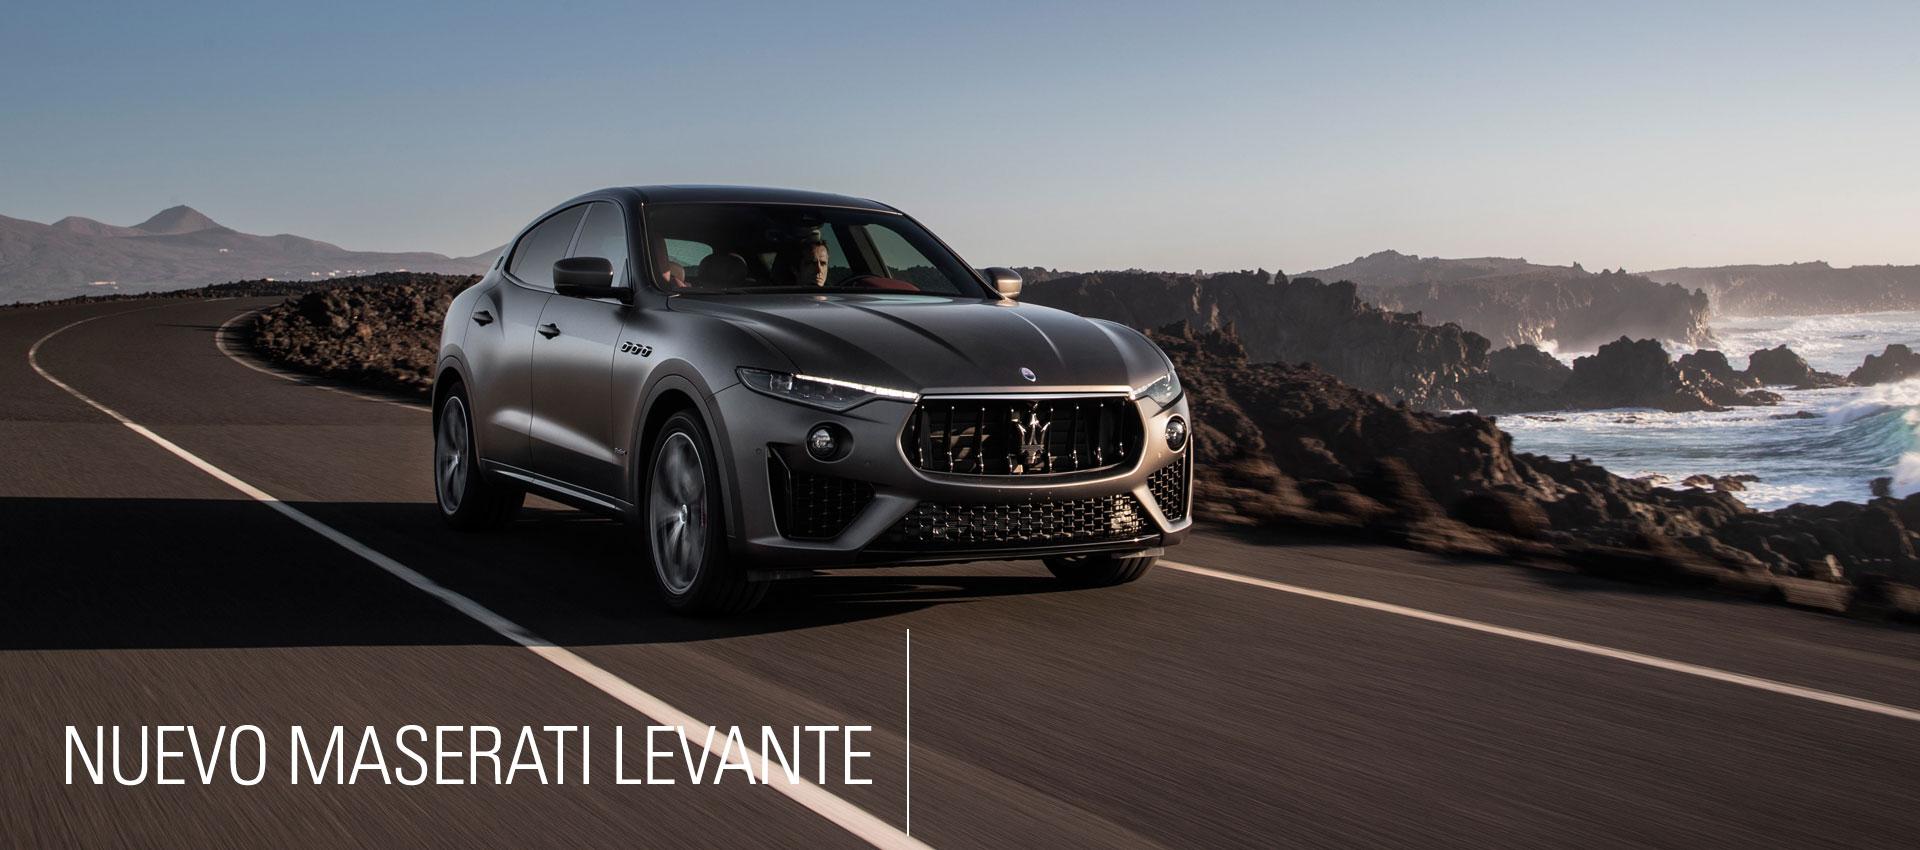 Nuevo Maserati Levante